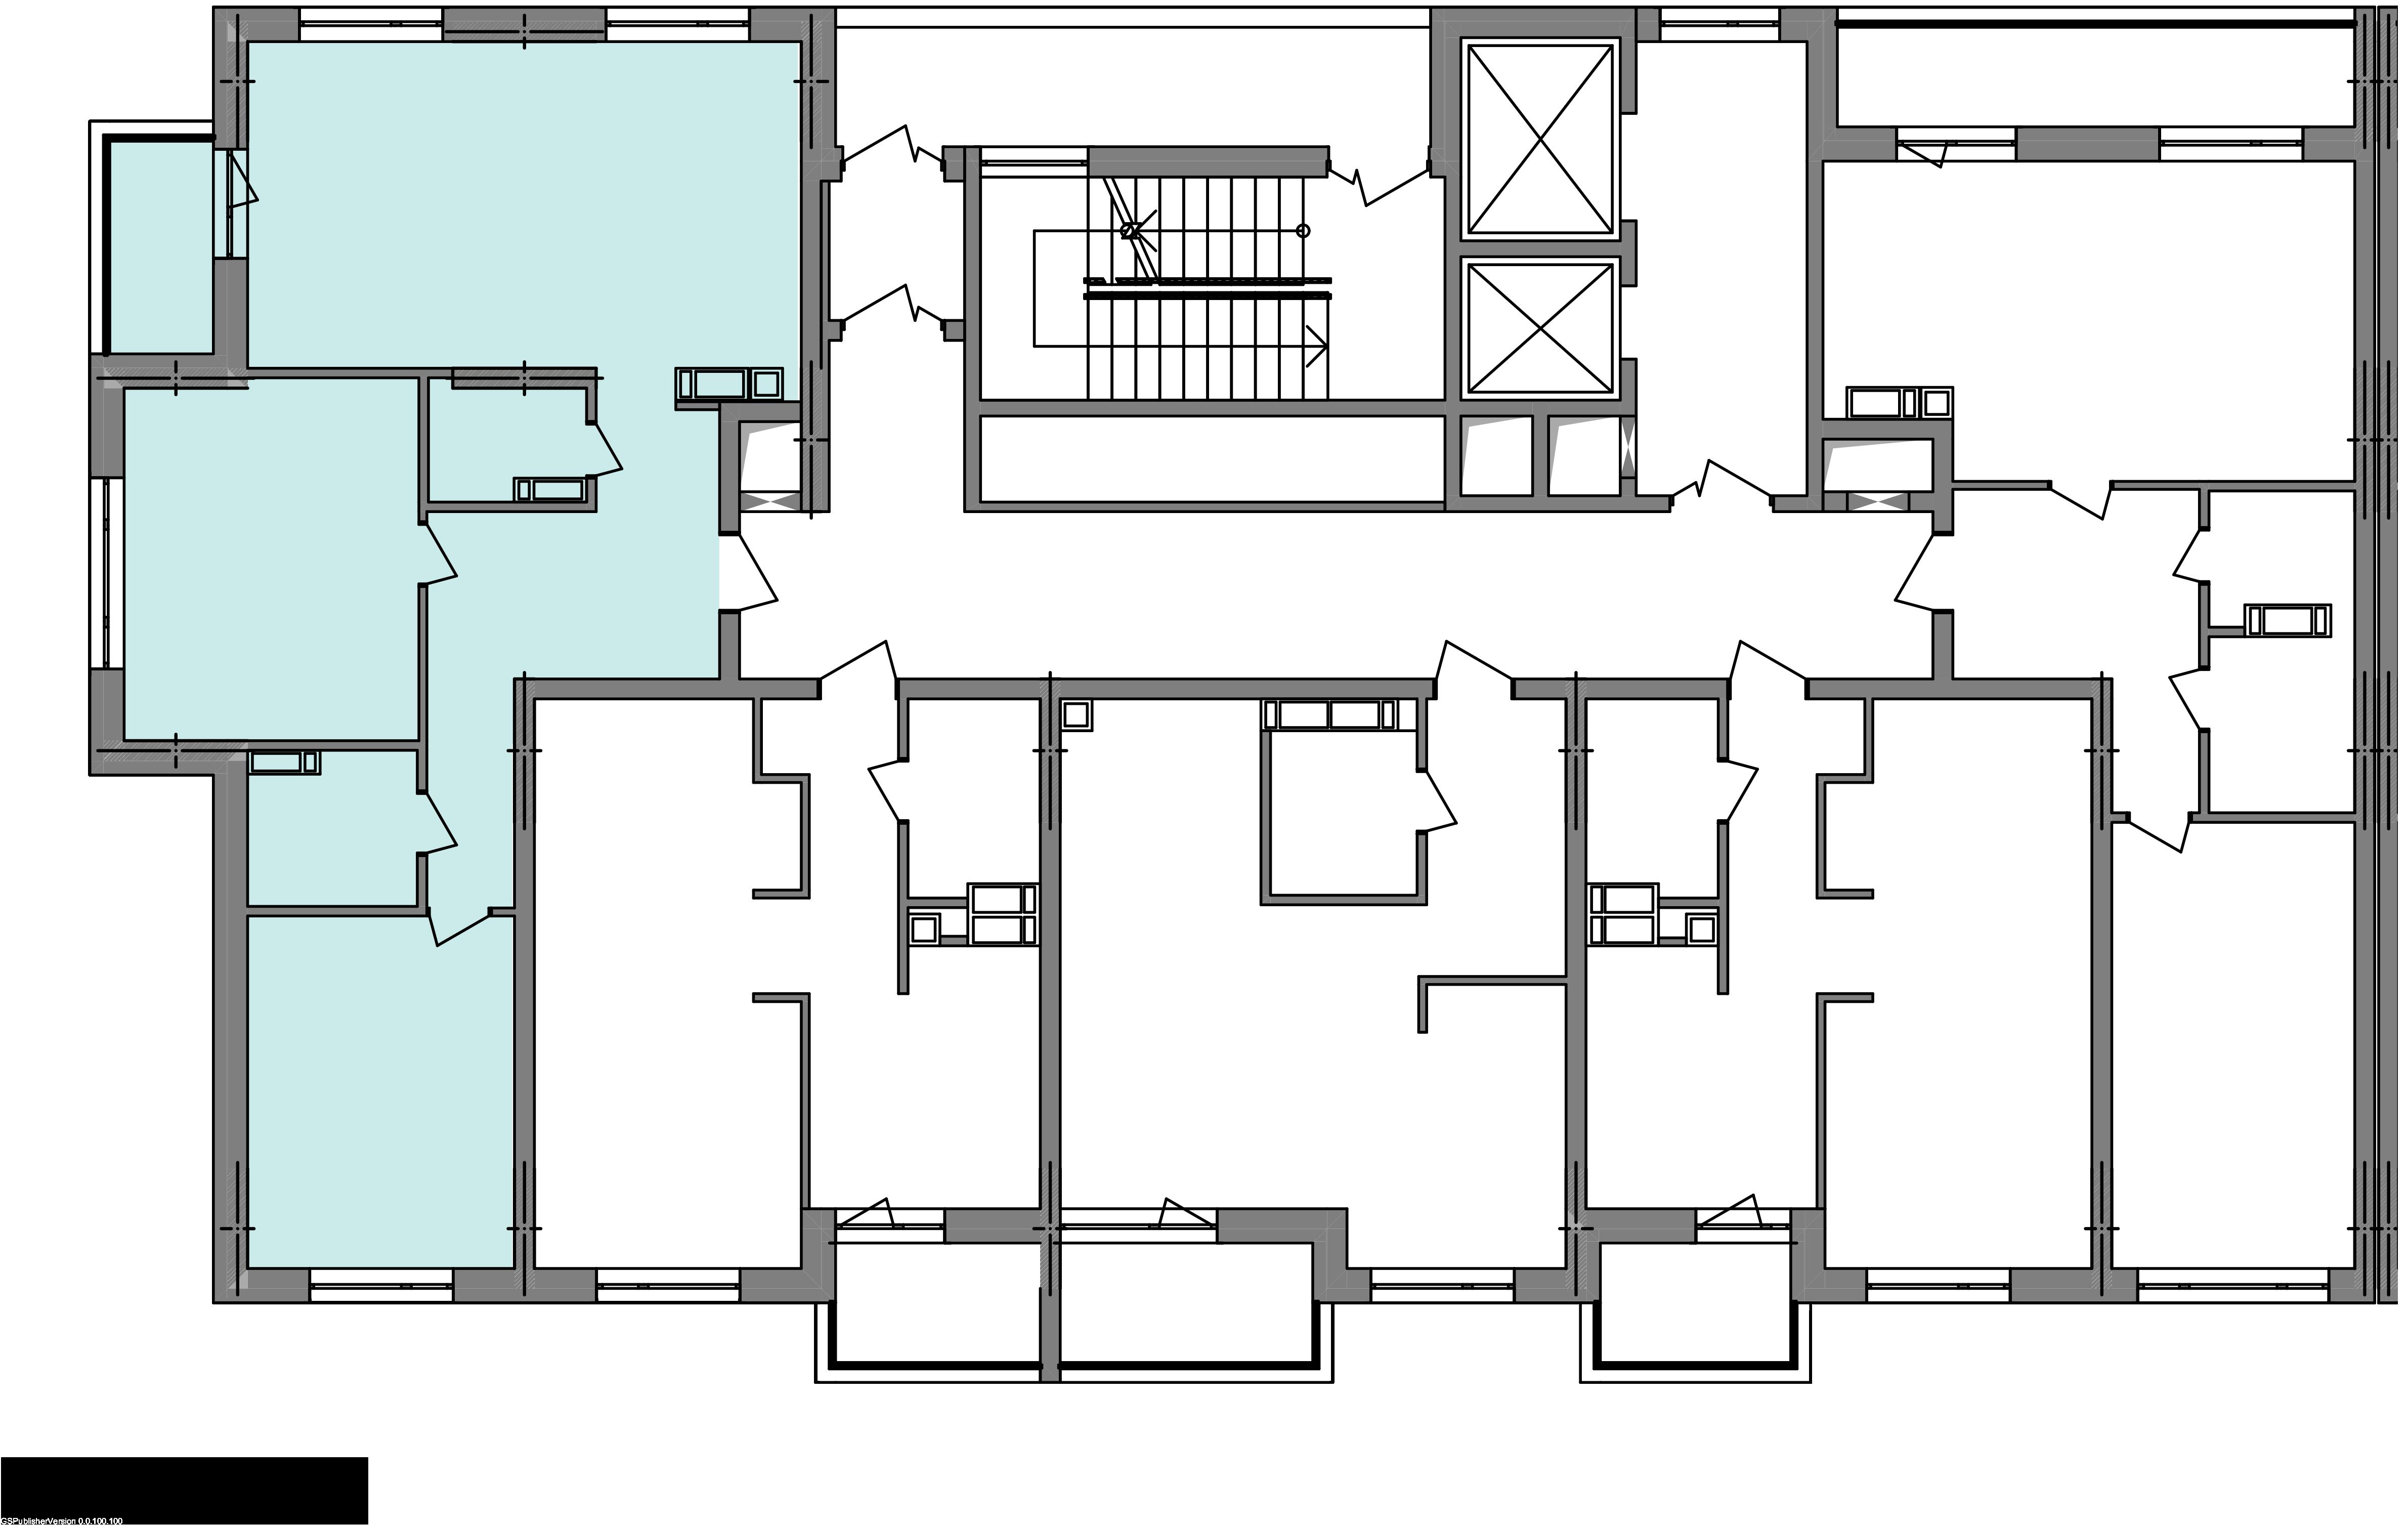 Трикімнатна квартира 78,78 кв.м., тип 3.1, будинок 3, секція 1 розташування на поверсі